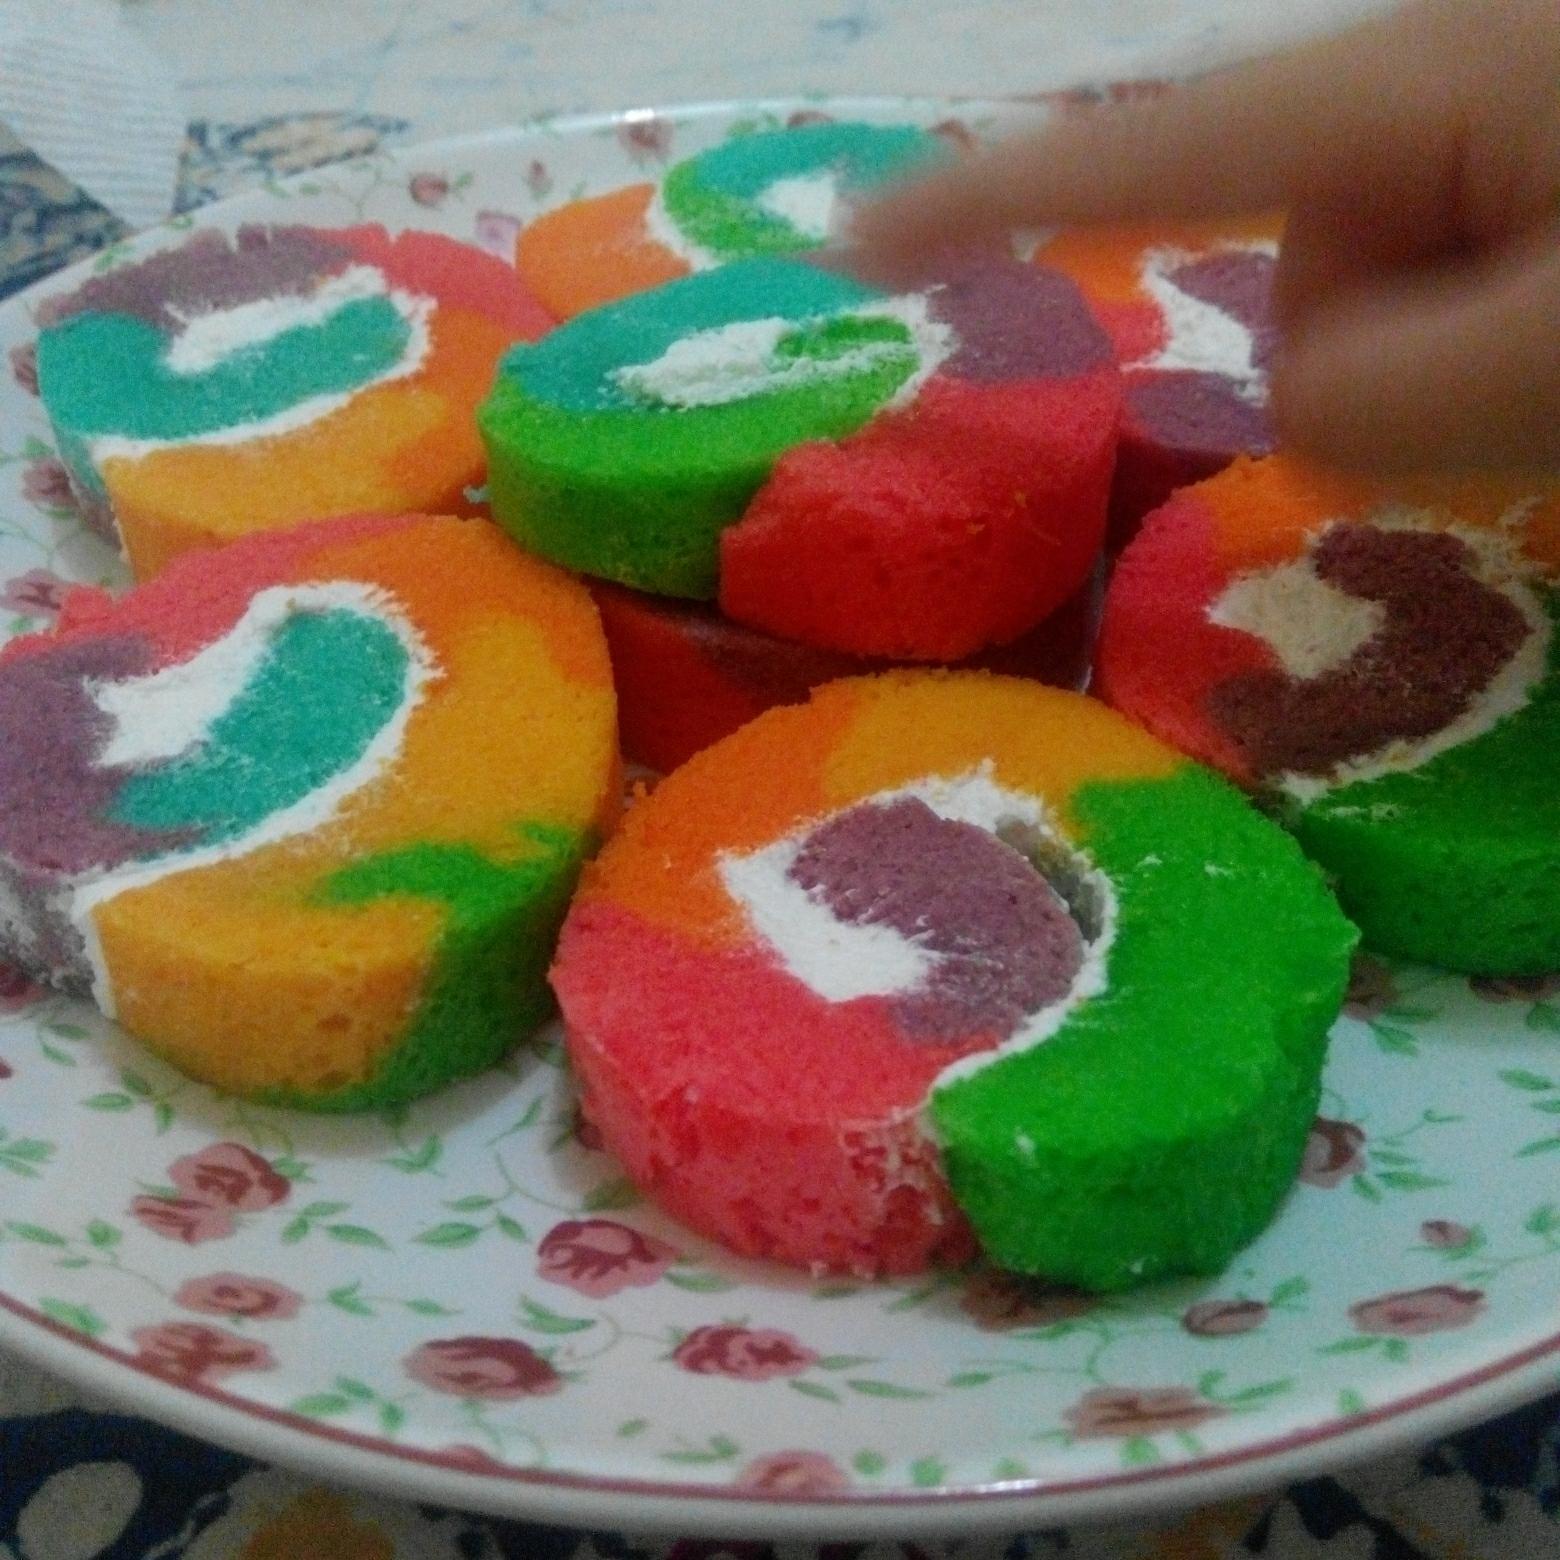 Resep Rainbow Cake Gulung Kukus Tanpa Oven Lembut Enak